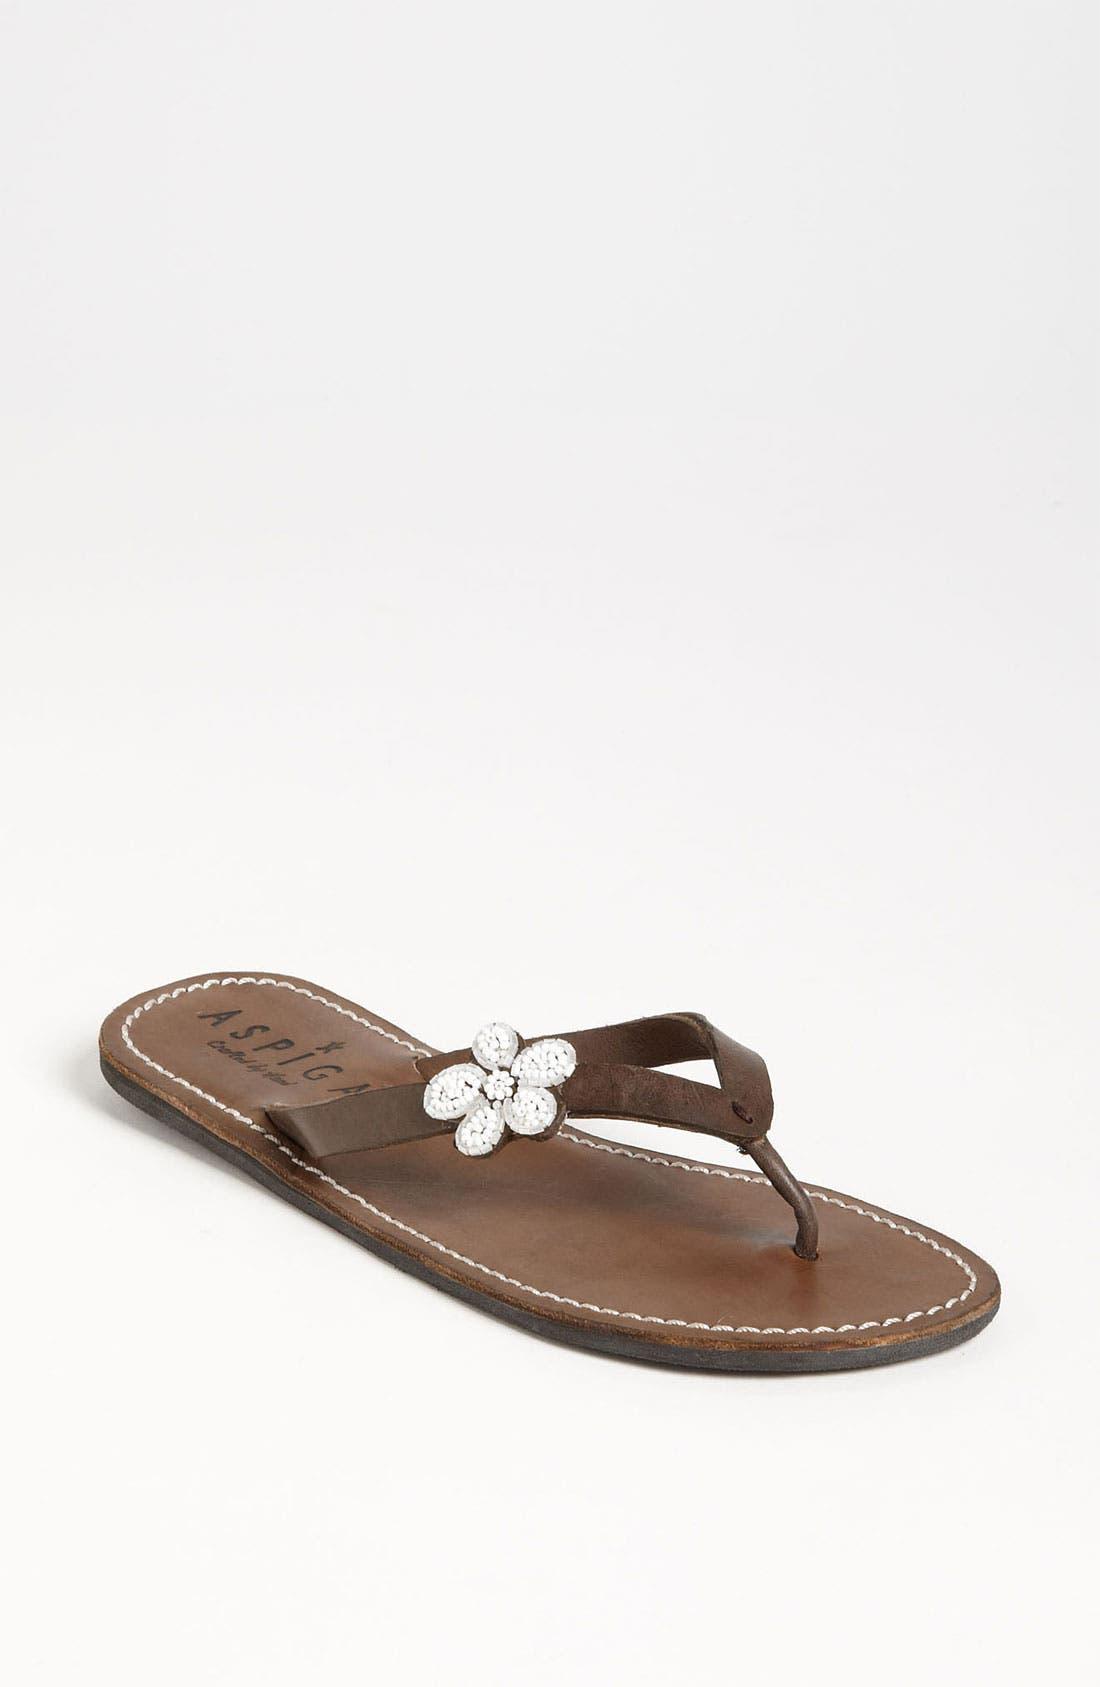 Main Image - Aspiga 'Tamu' Sandal